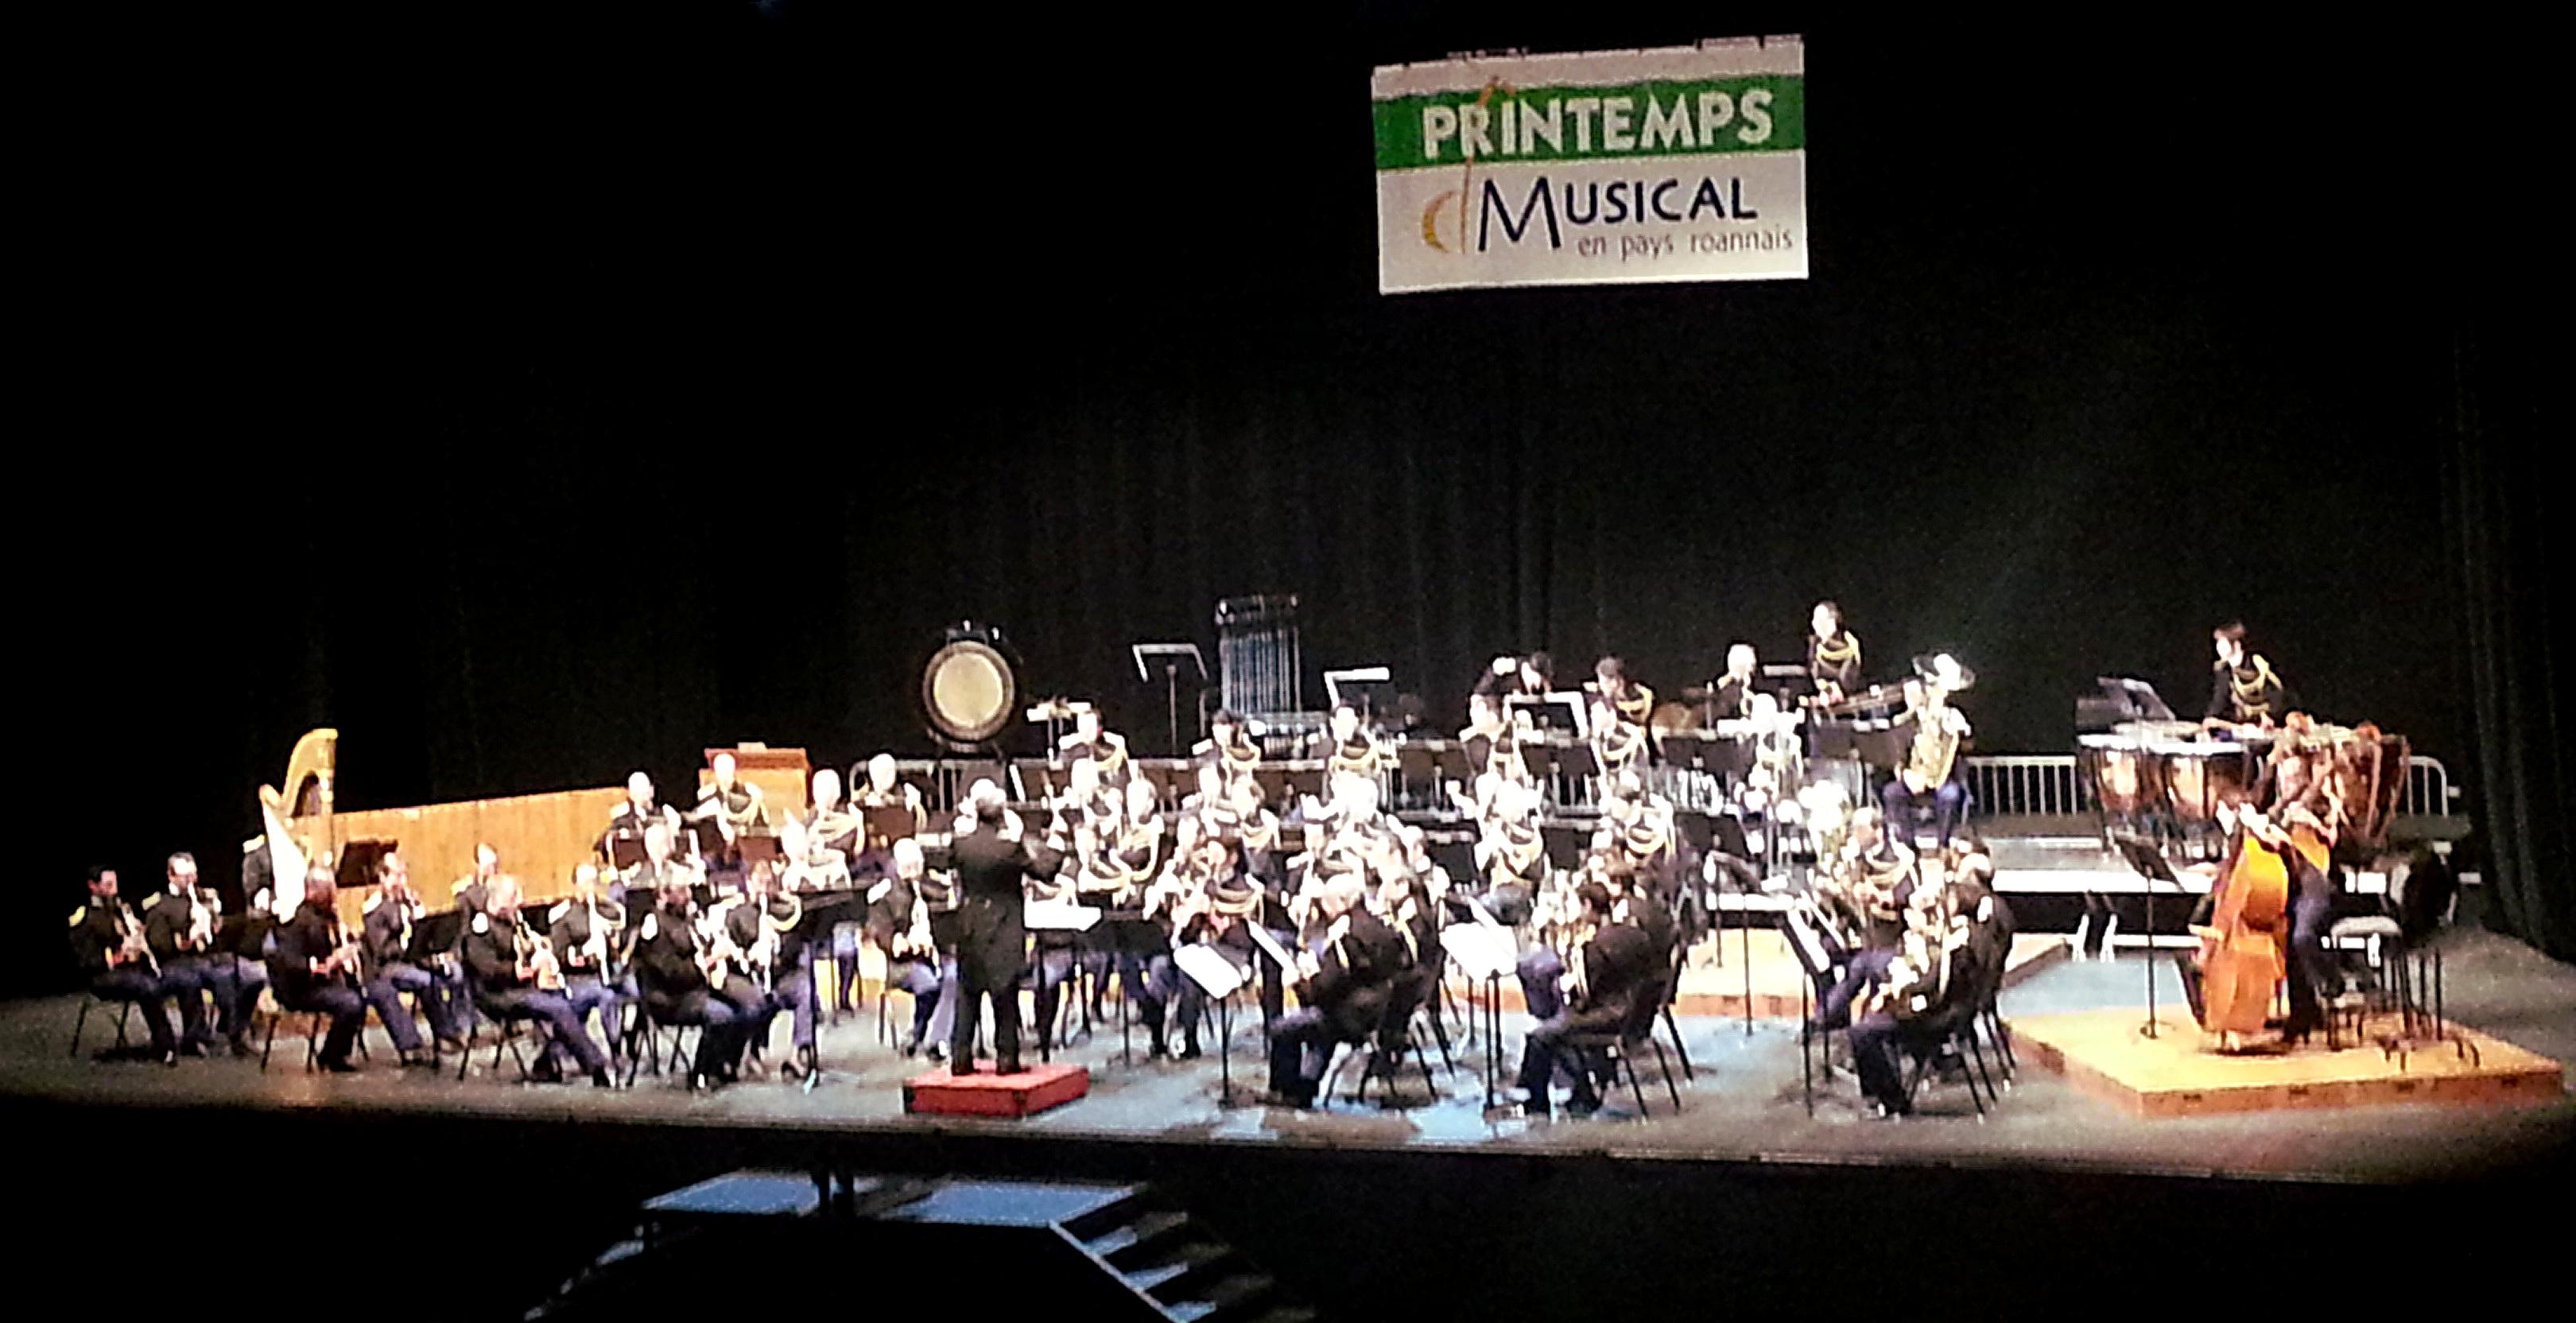 Concert du 26/6/2013 au Scarabée de Roanne à l'occasion du 25ème Printemps Musical en Pays Roannais